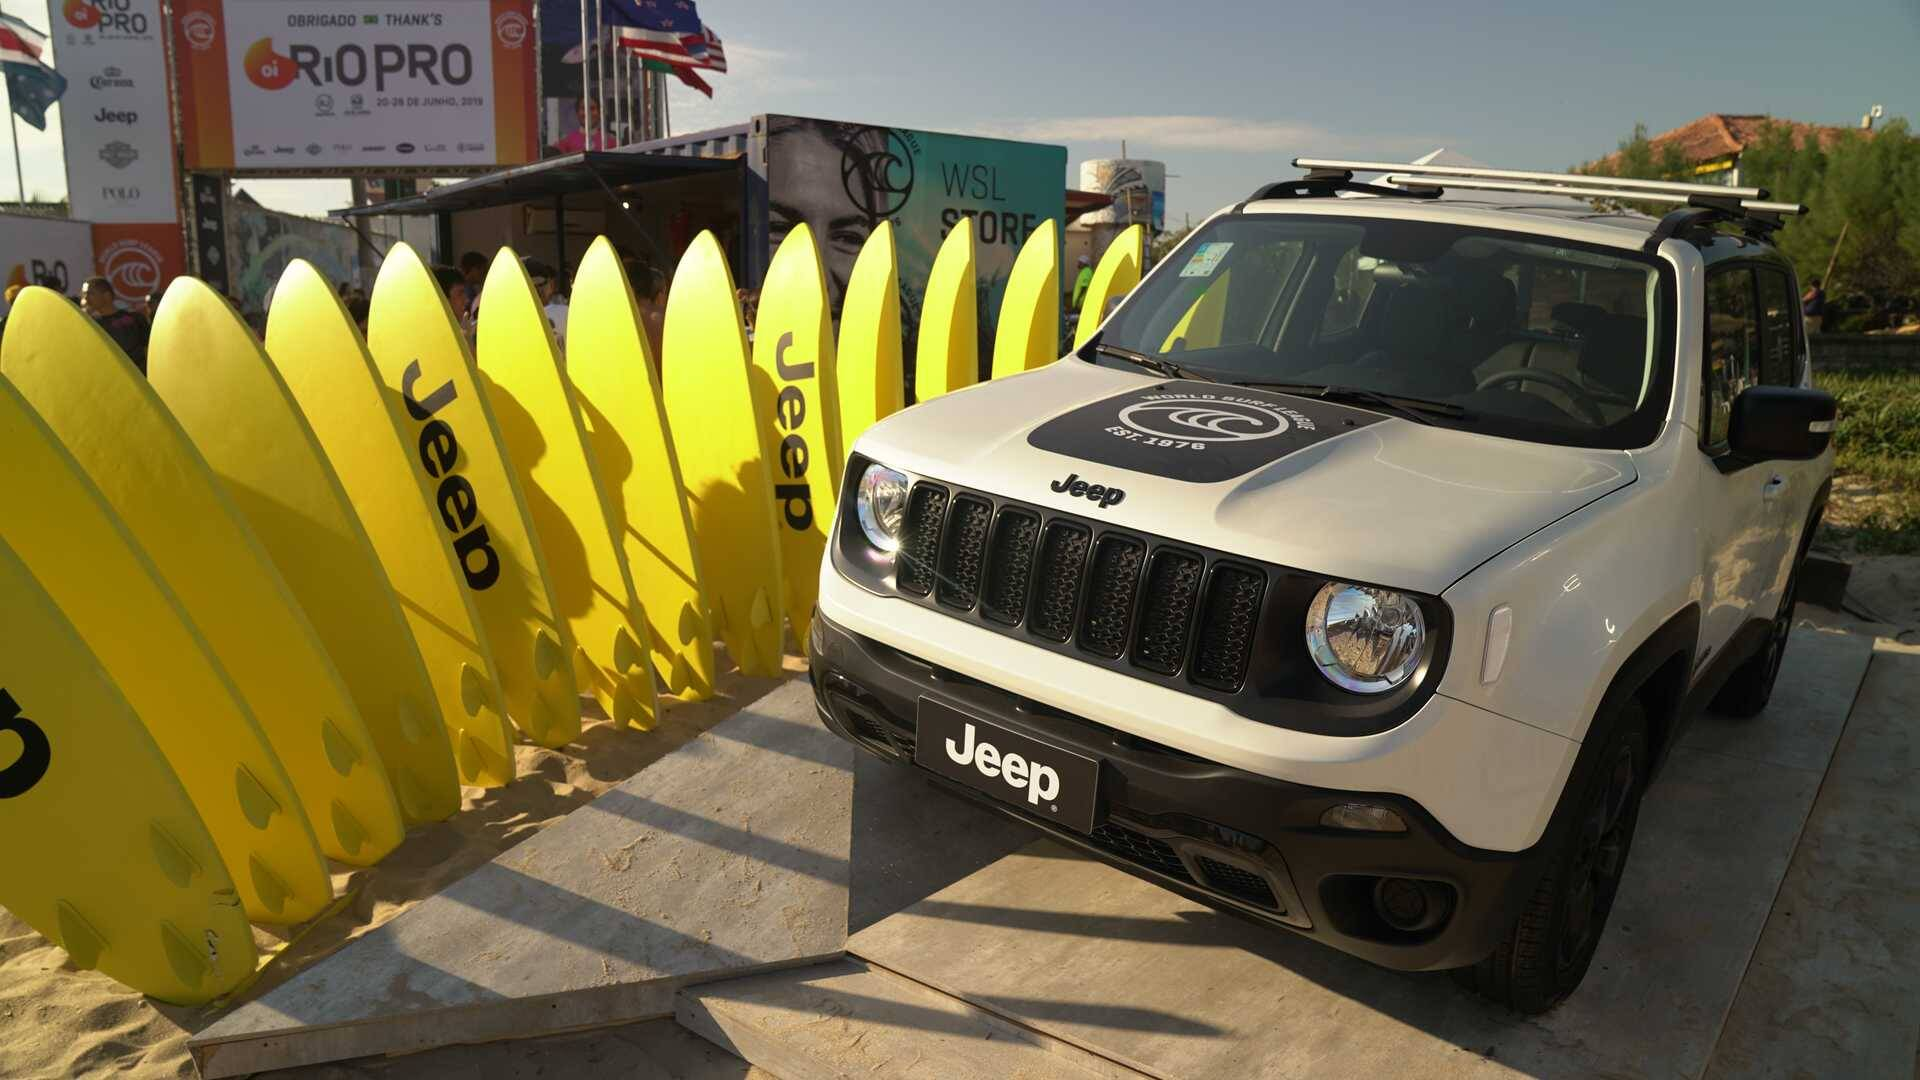 Jeep Renegade WSL. Foto: Divulgação